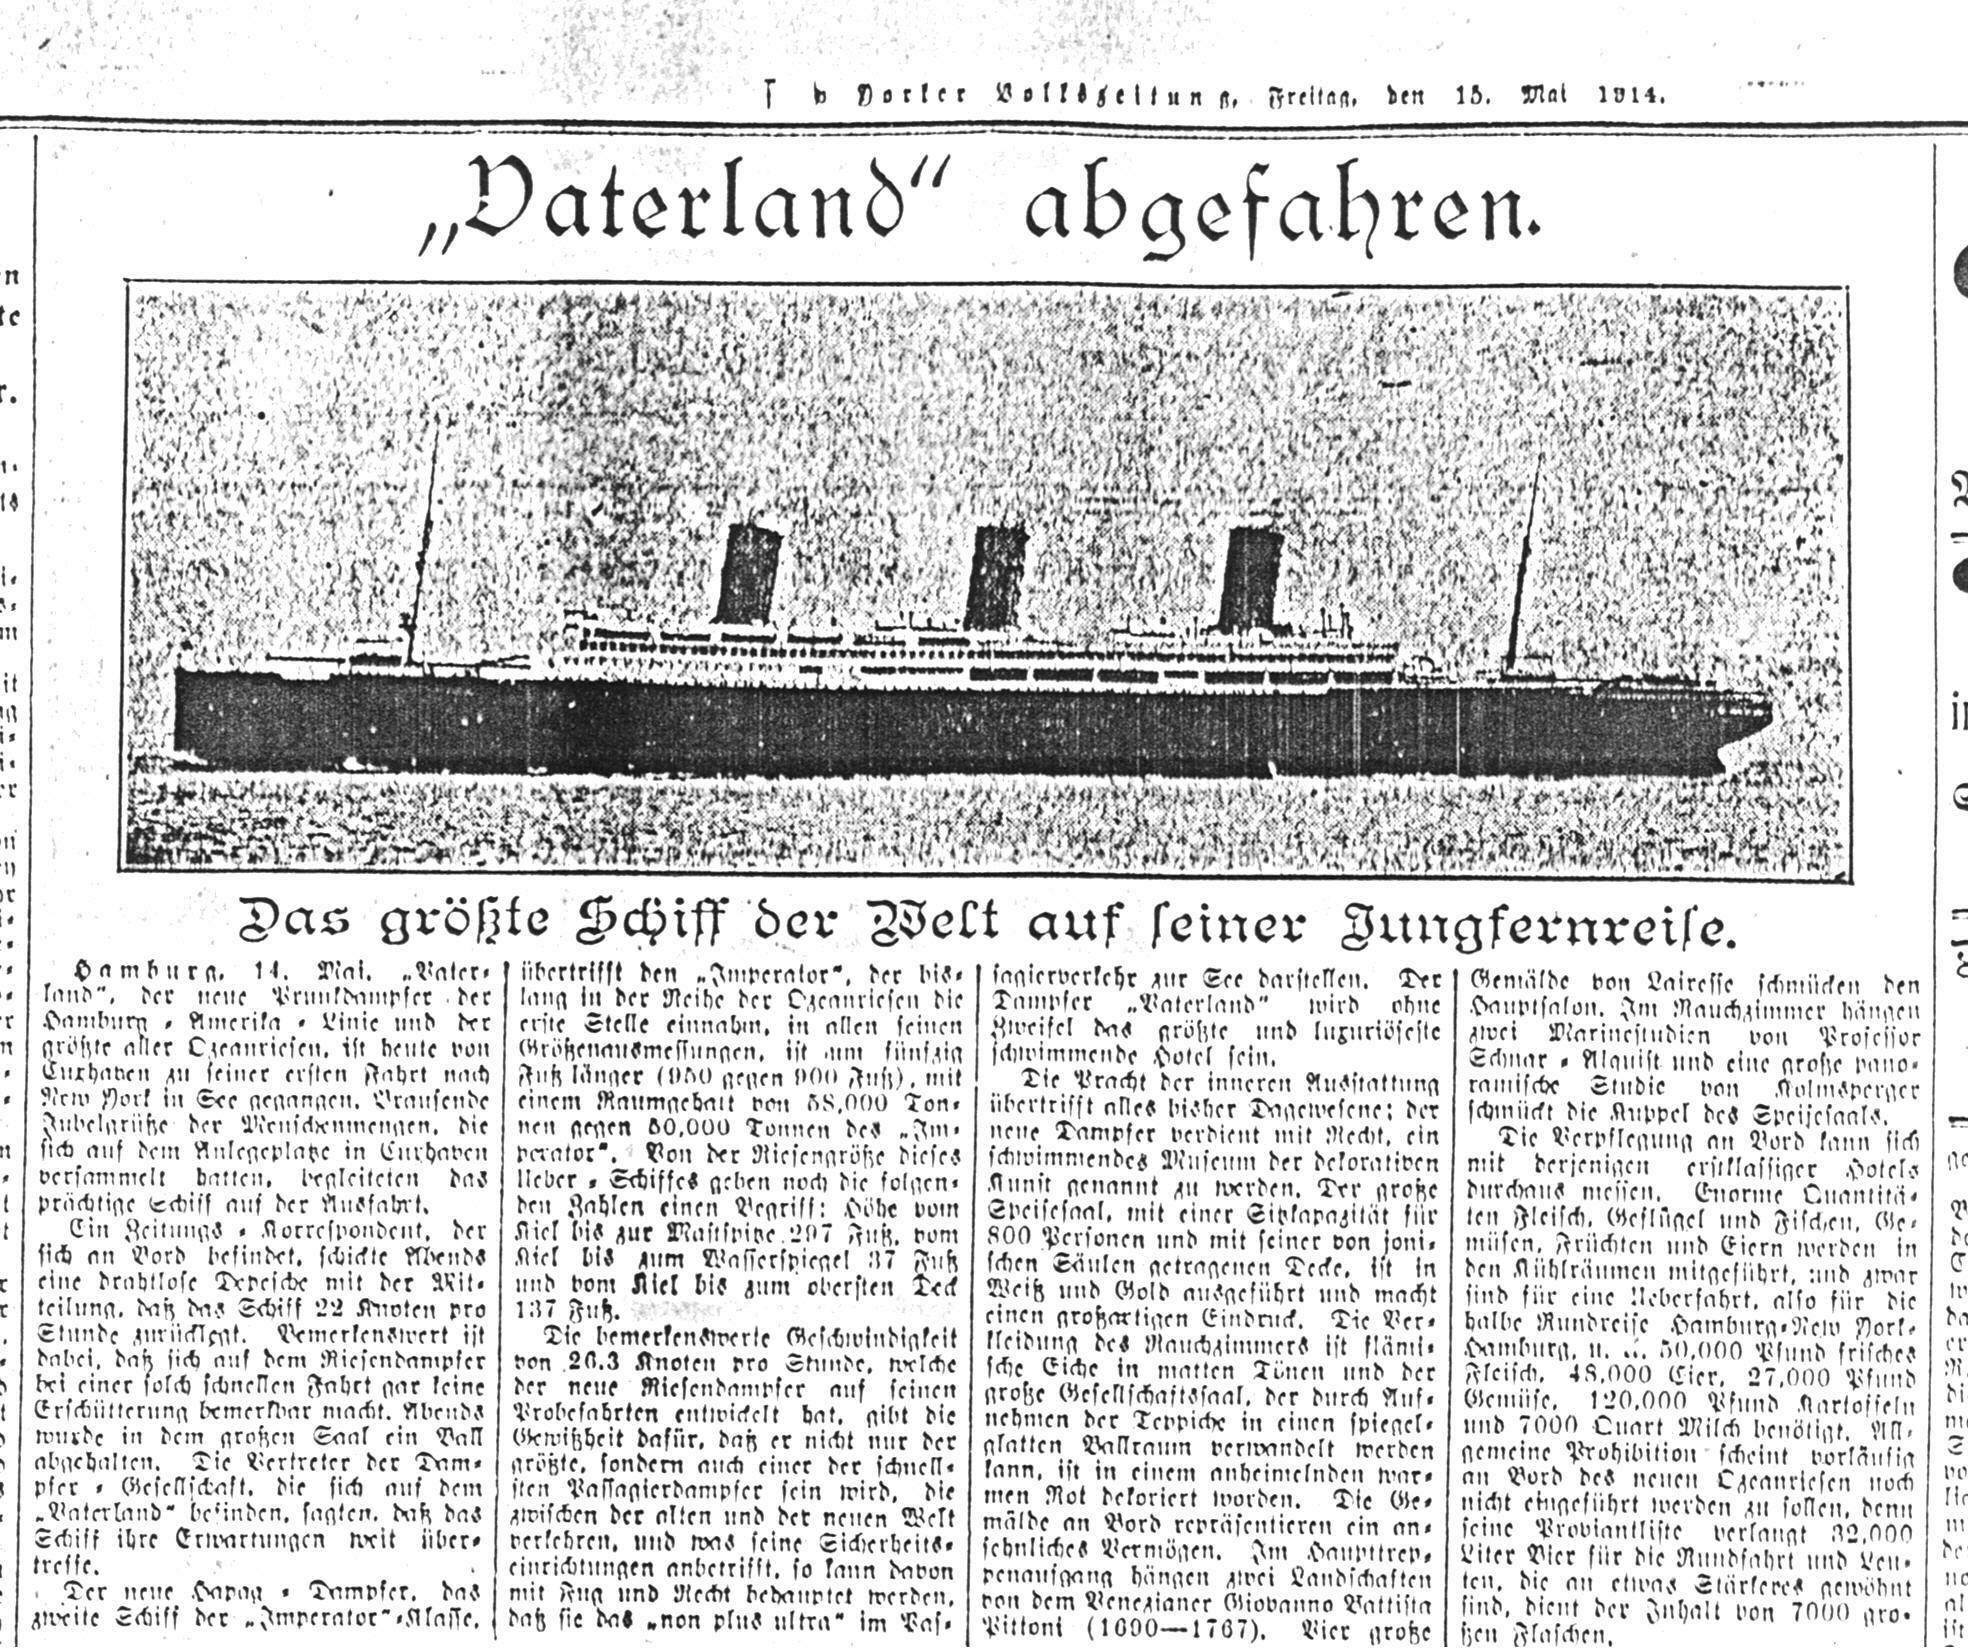 New Yorker Volkszeitung - 1914